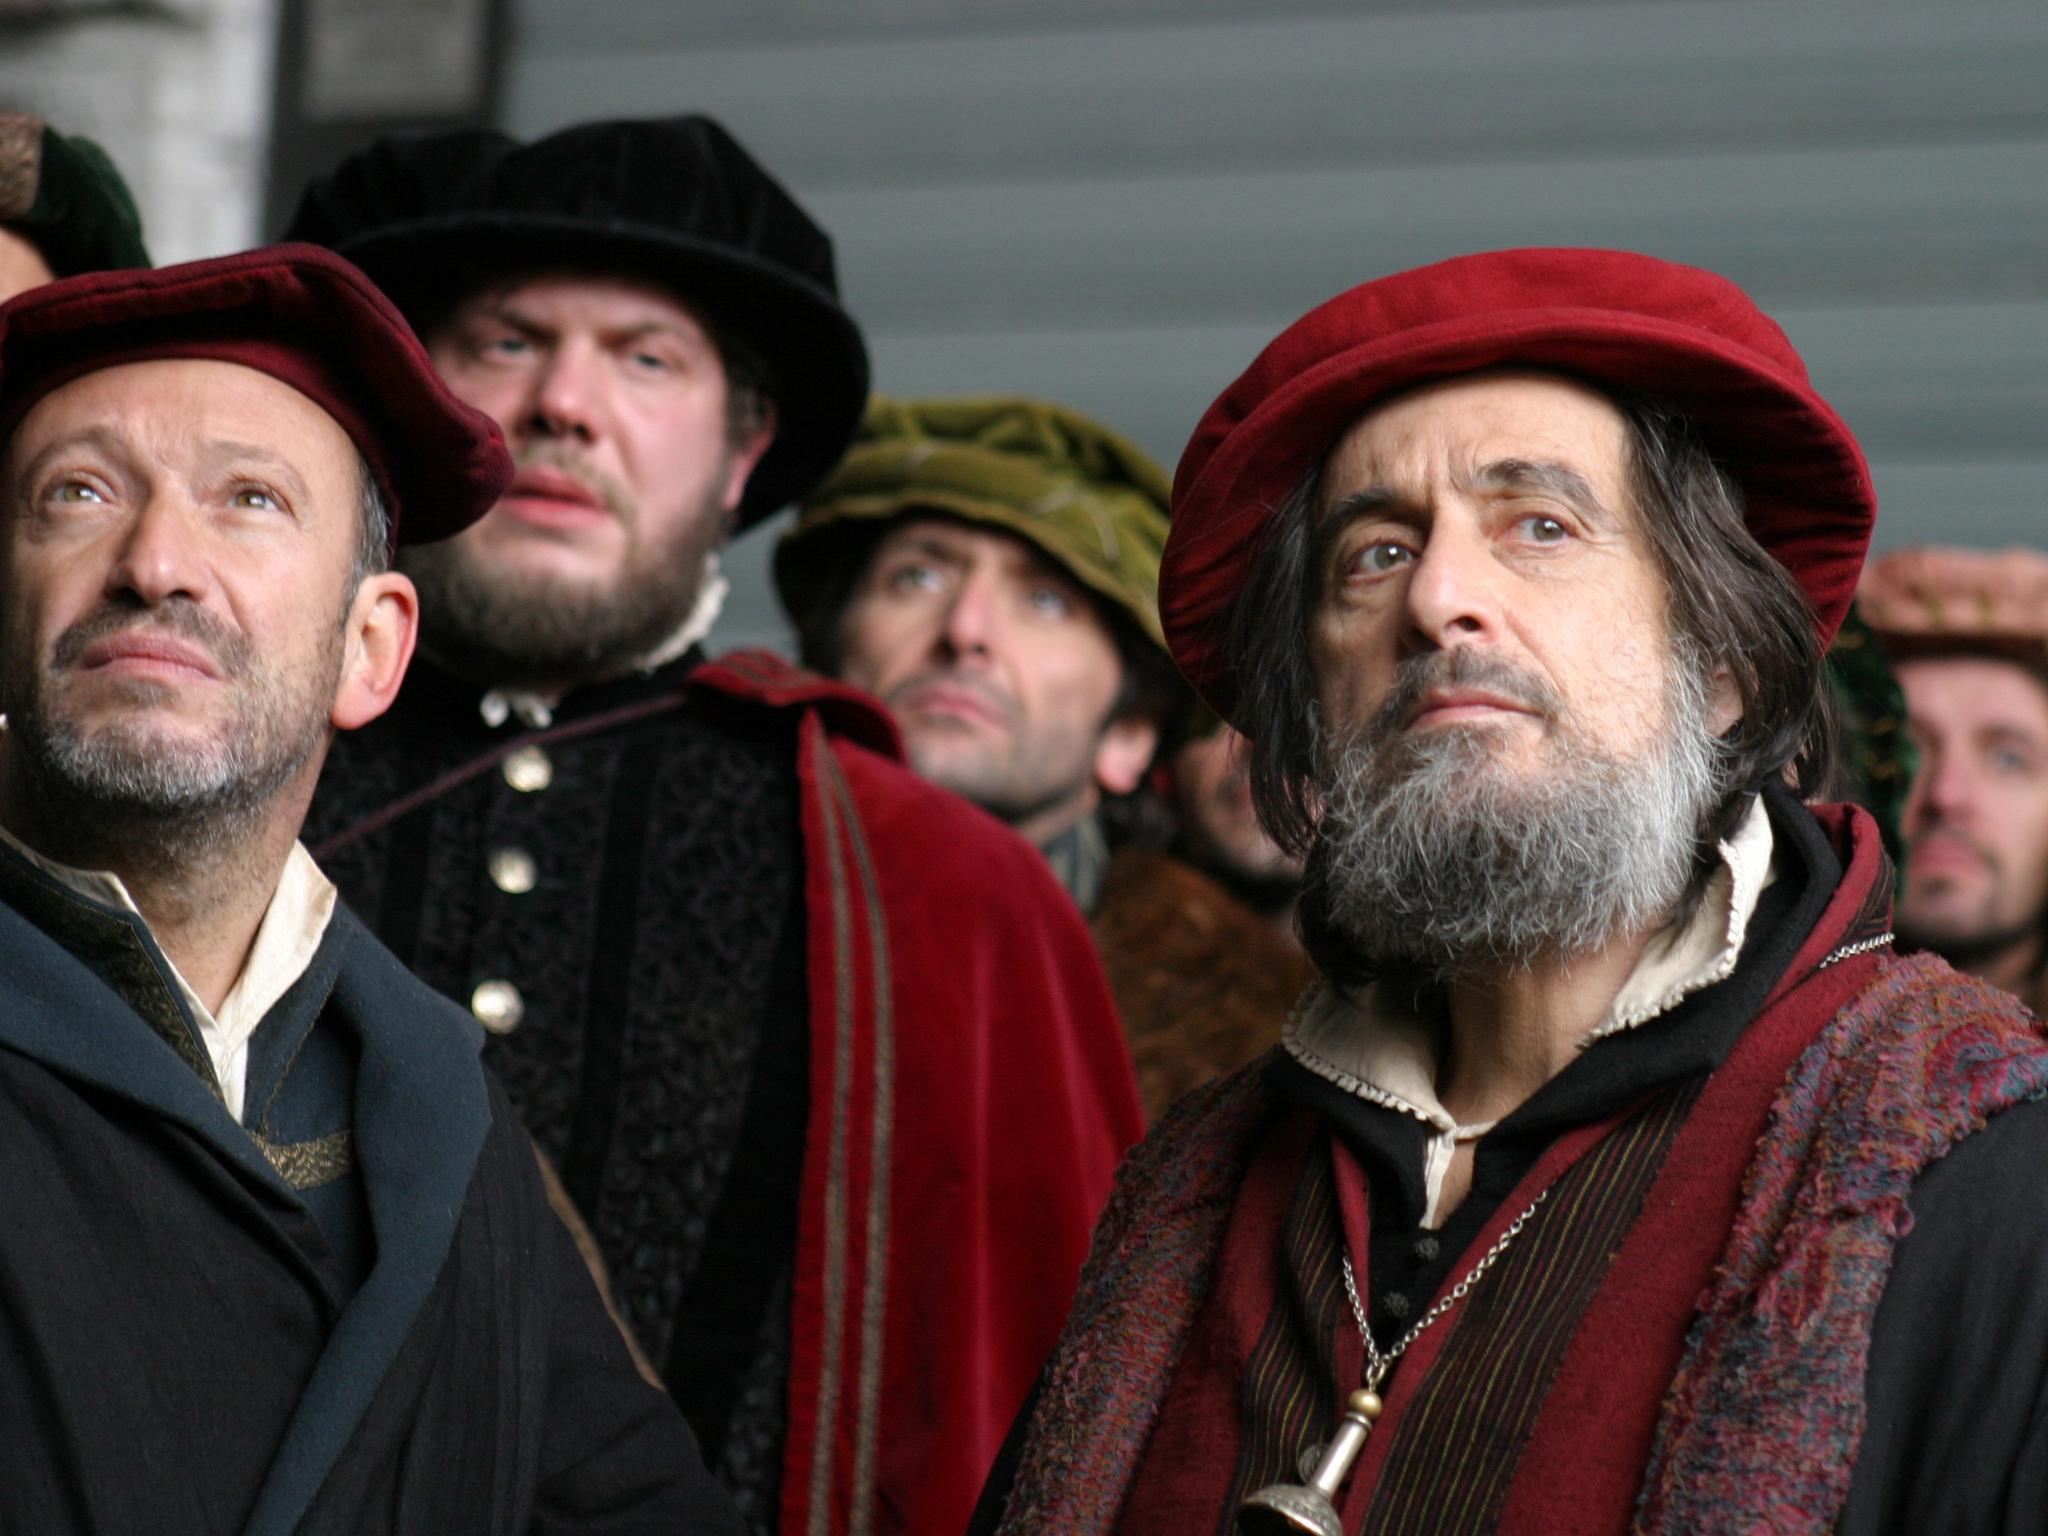 Al Pacino's worst performances, the Merchant of Venice